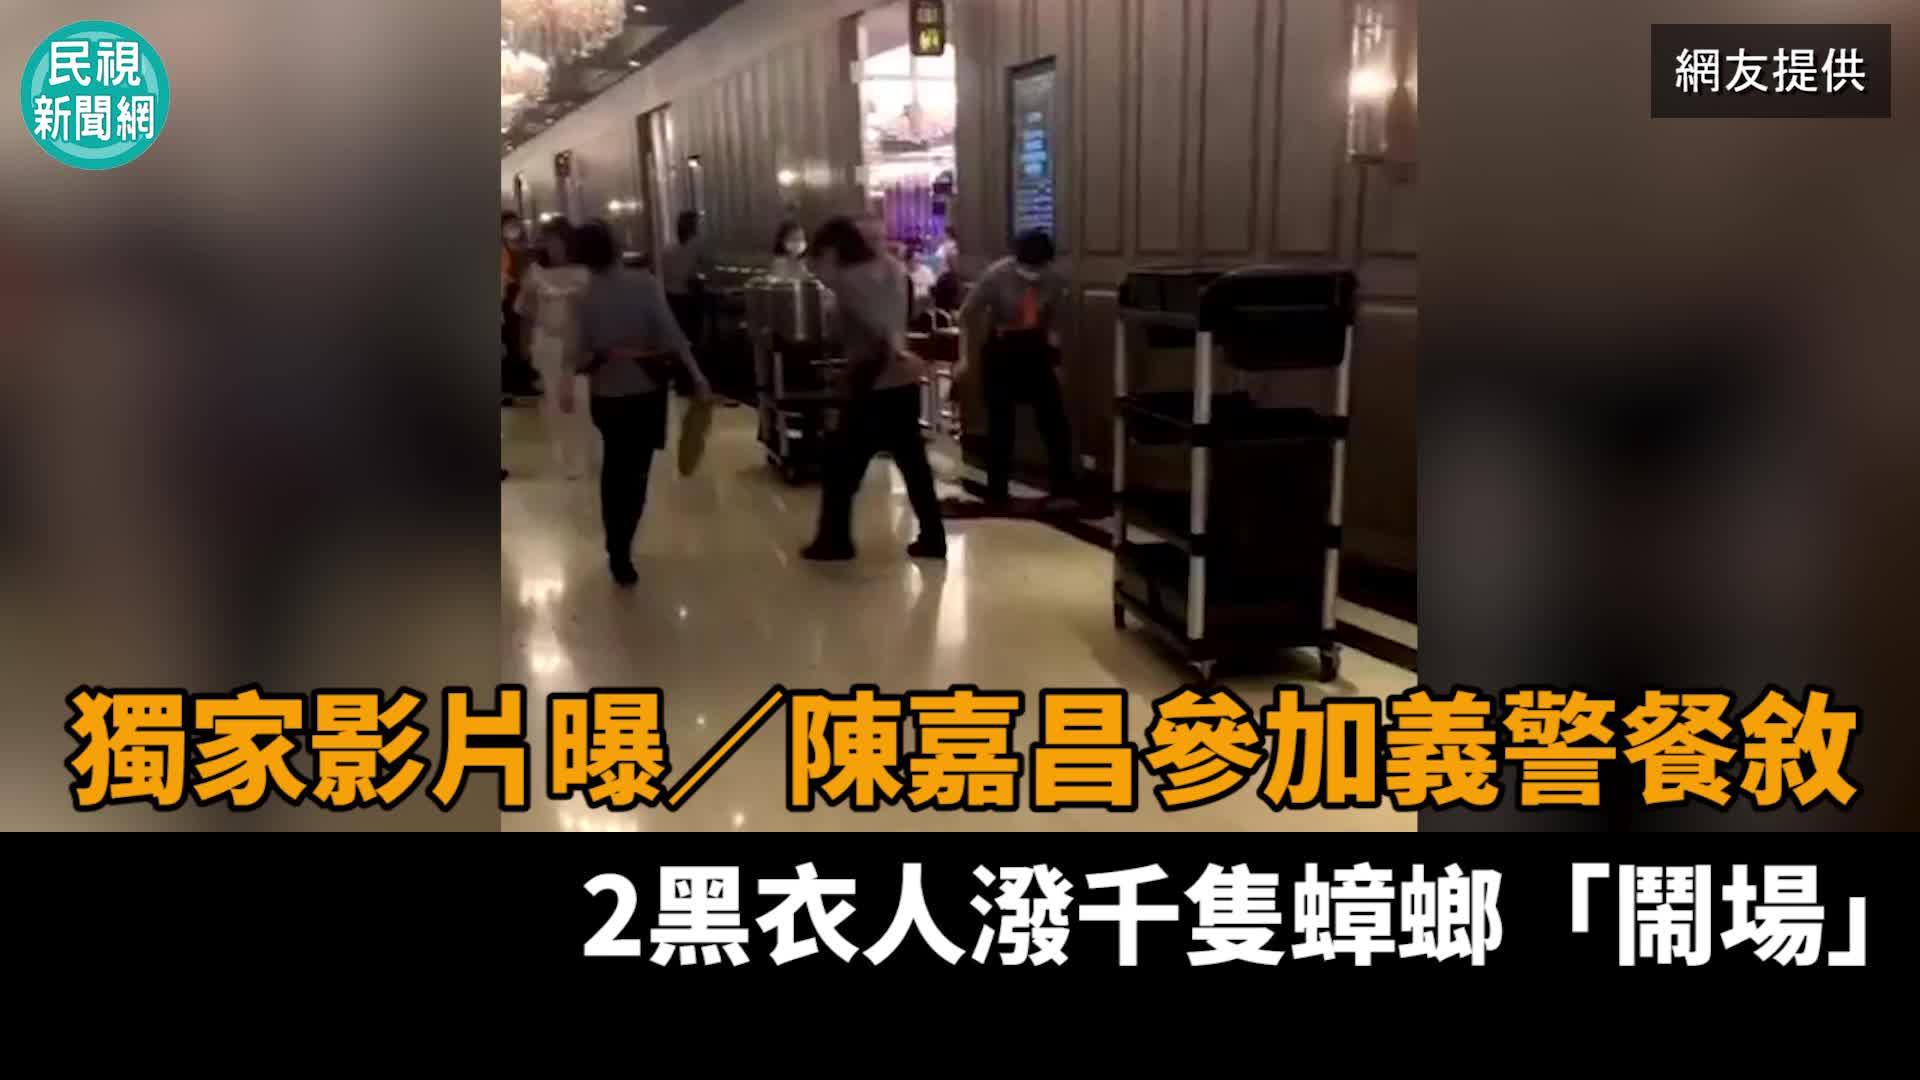 獨/陳嘉昌赴義警餐敘 遭砸千隻蟑螂鬧場